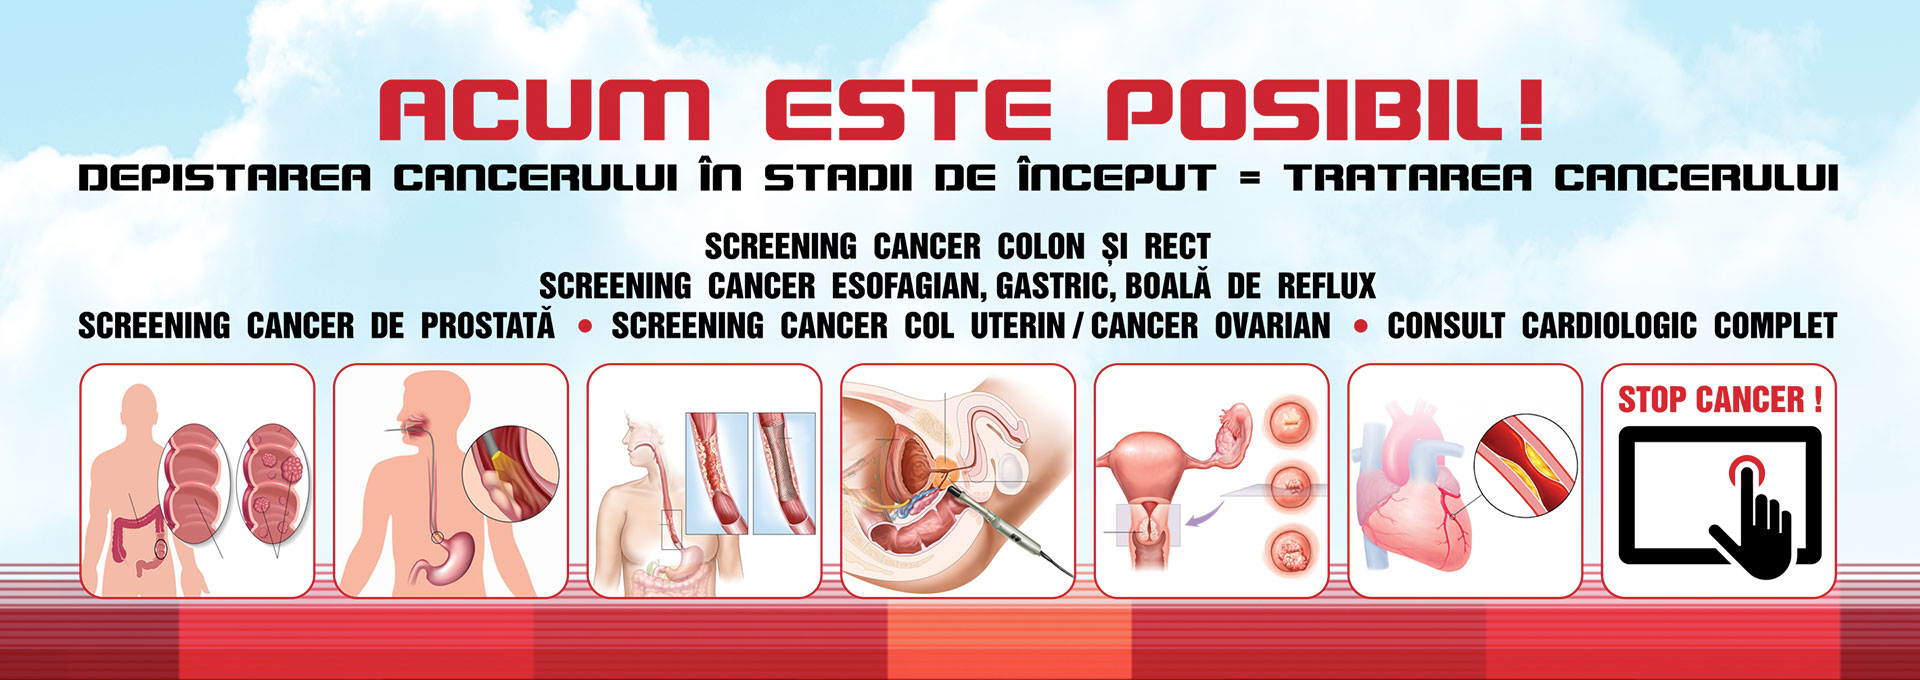 depistarea_cancerului-2